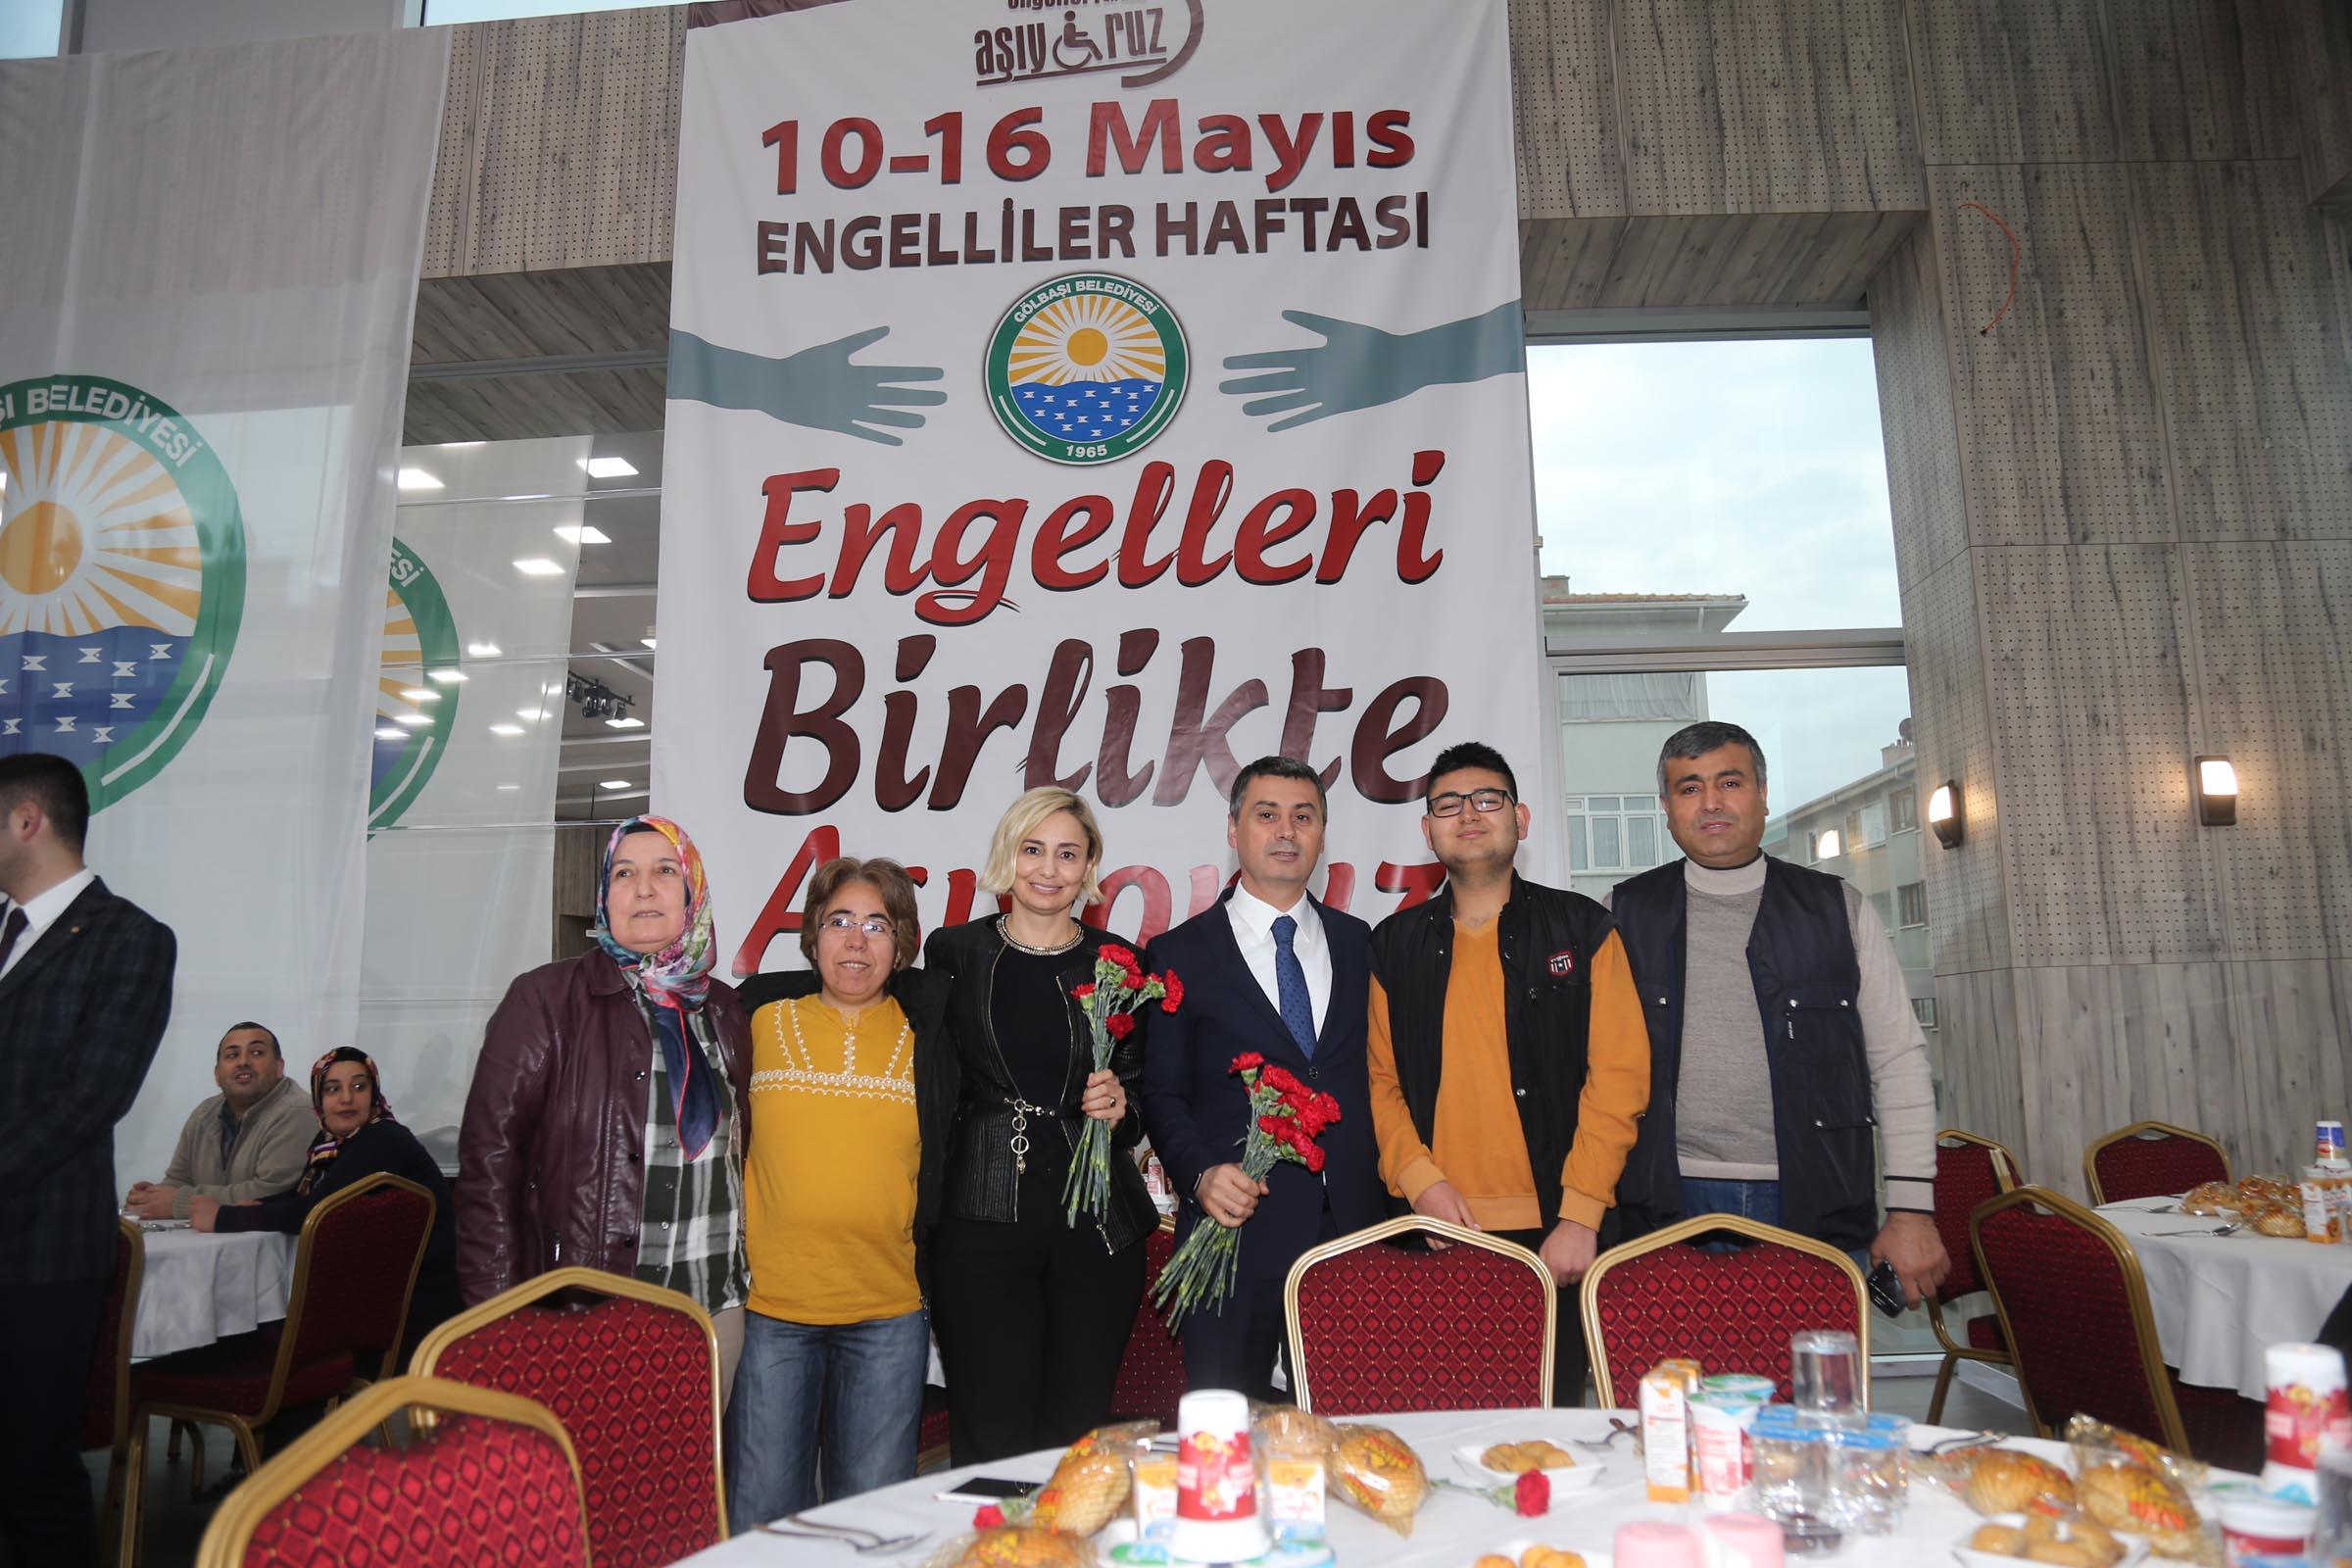 """ŞİMŞEK """"ENGELLERİ BİRLİKTE AŞIYORUZ"""""""